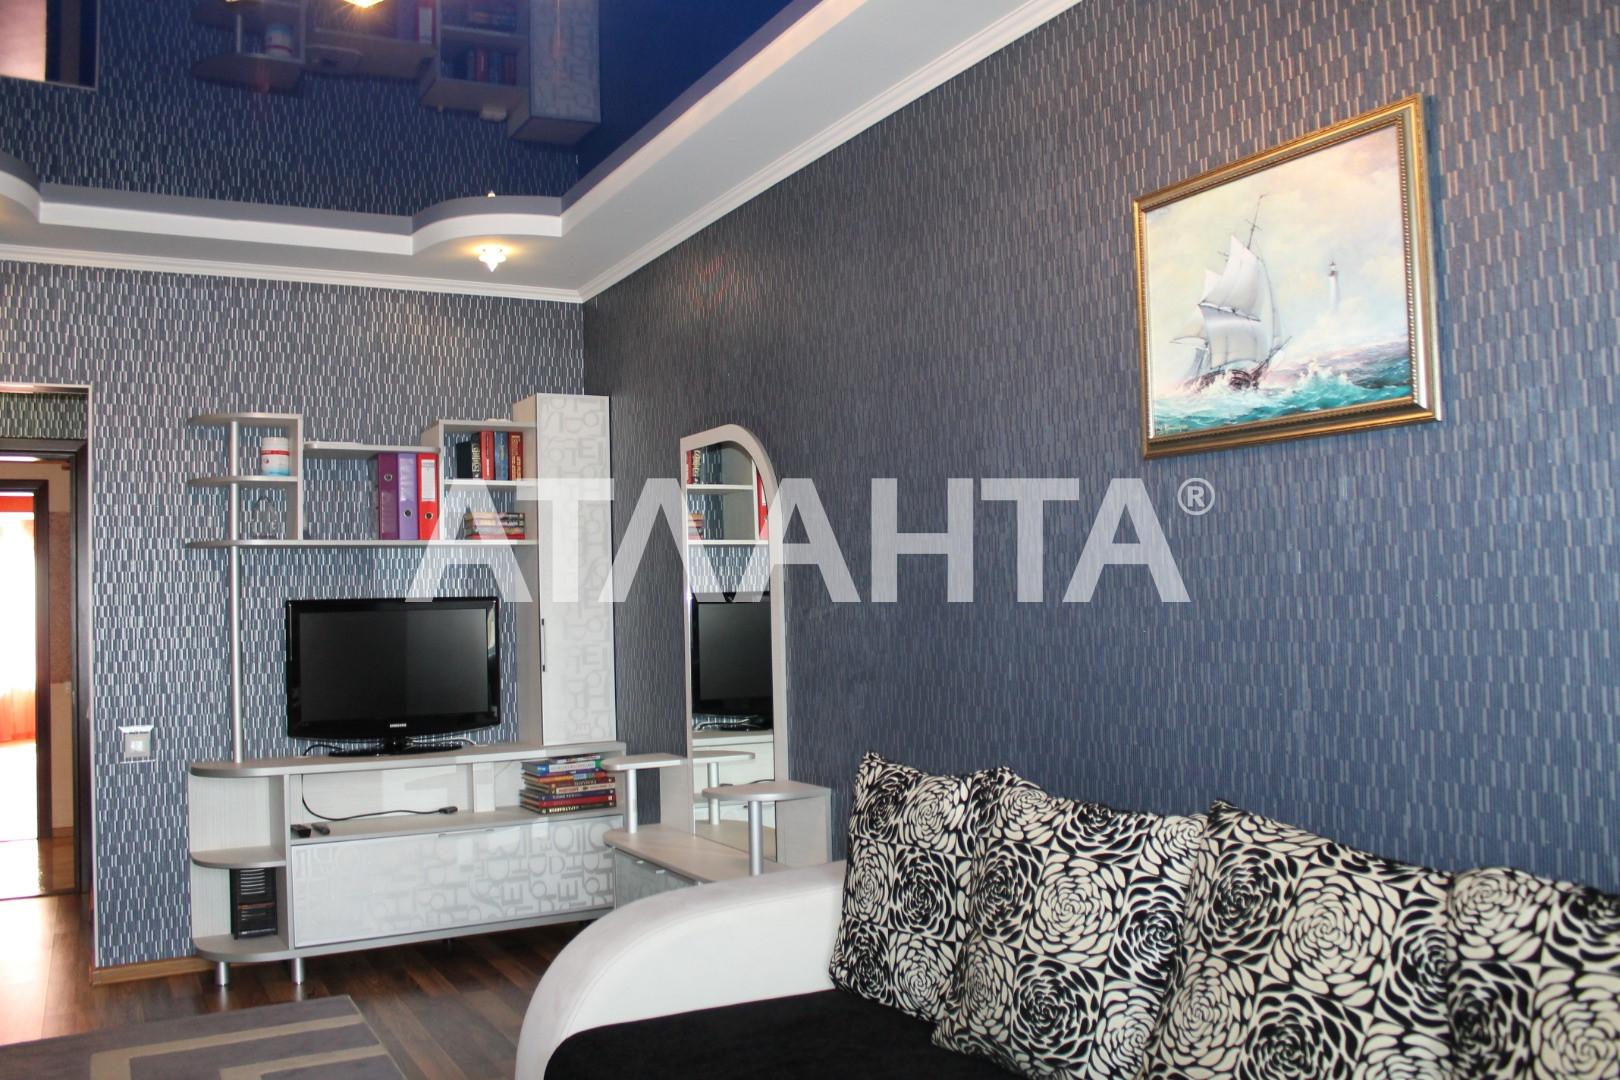 Продается 3-комнатная Квартира на ул. Мечникова — 145 000 у.е. (фото №17)